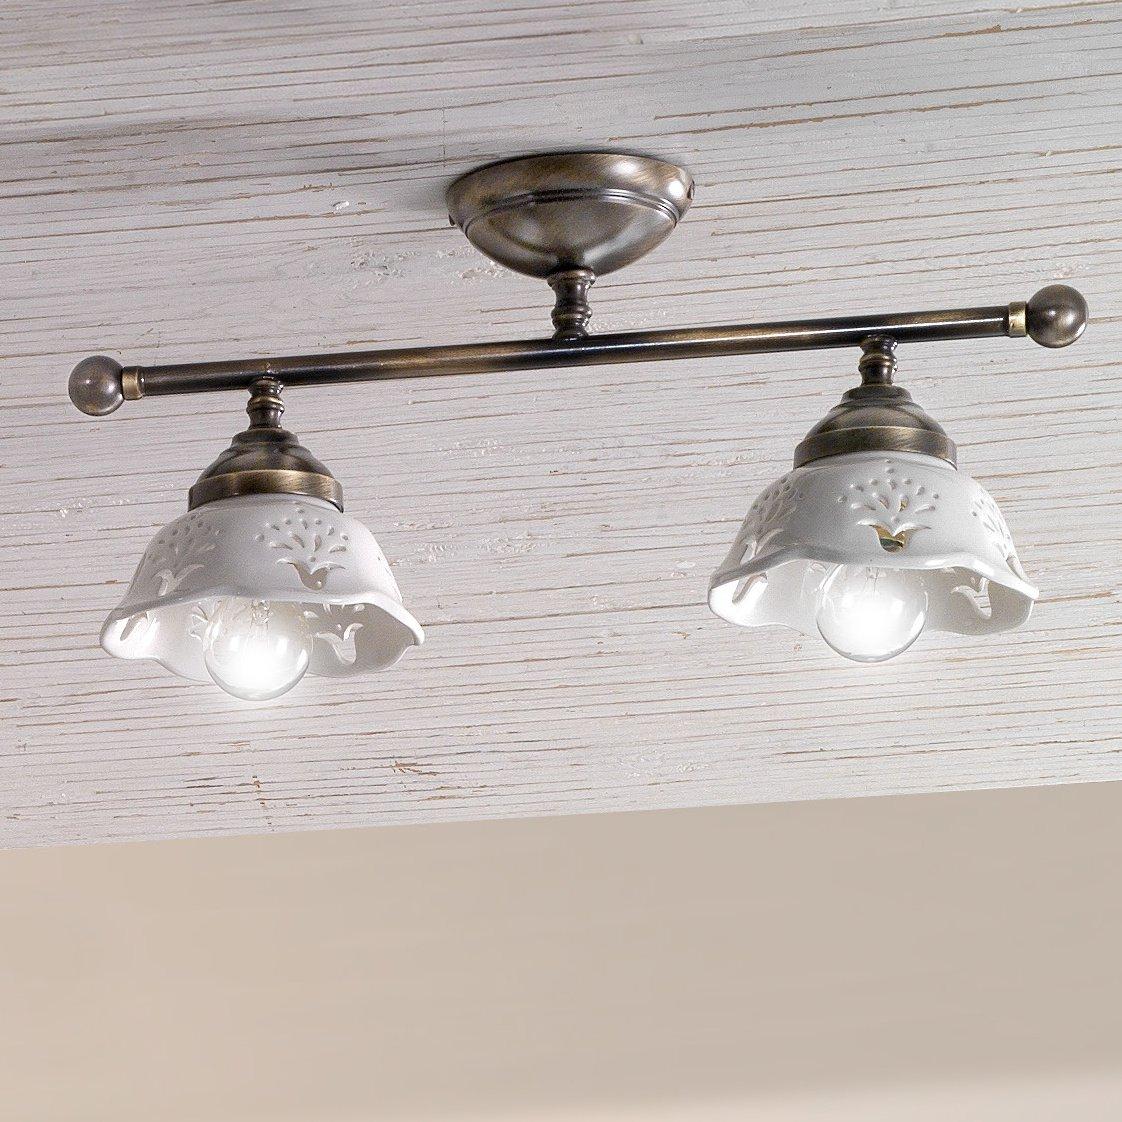 zwei und dreiflammige deckenlampe im landhausstil. Black Bedroom Furniture Sets. Home Design Ideas